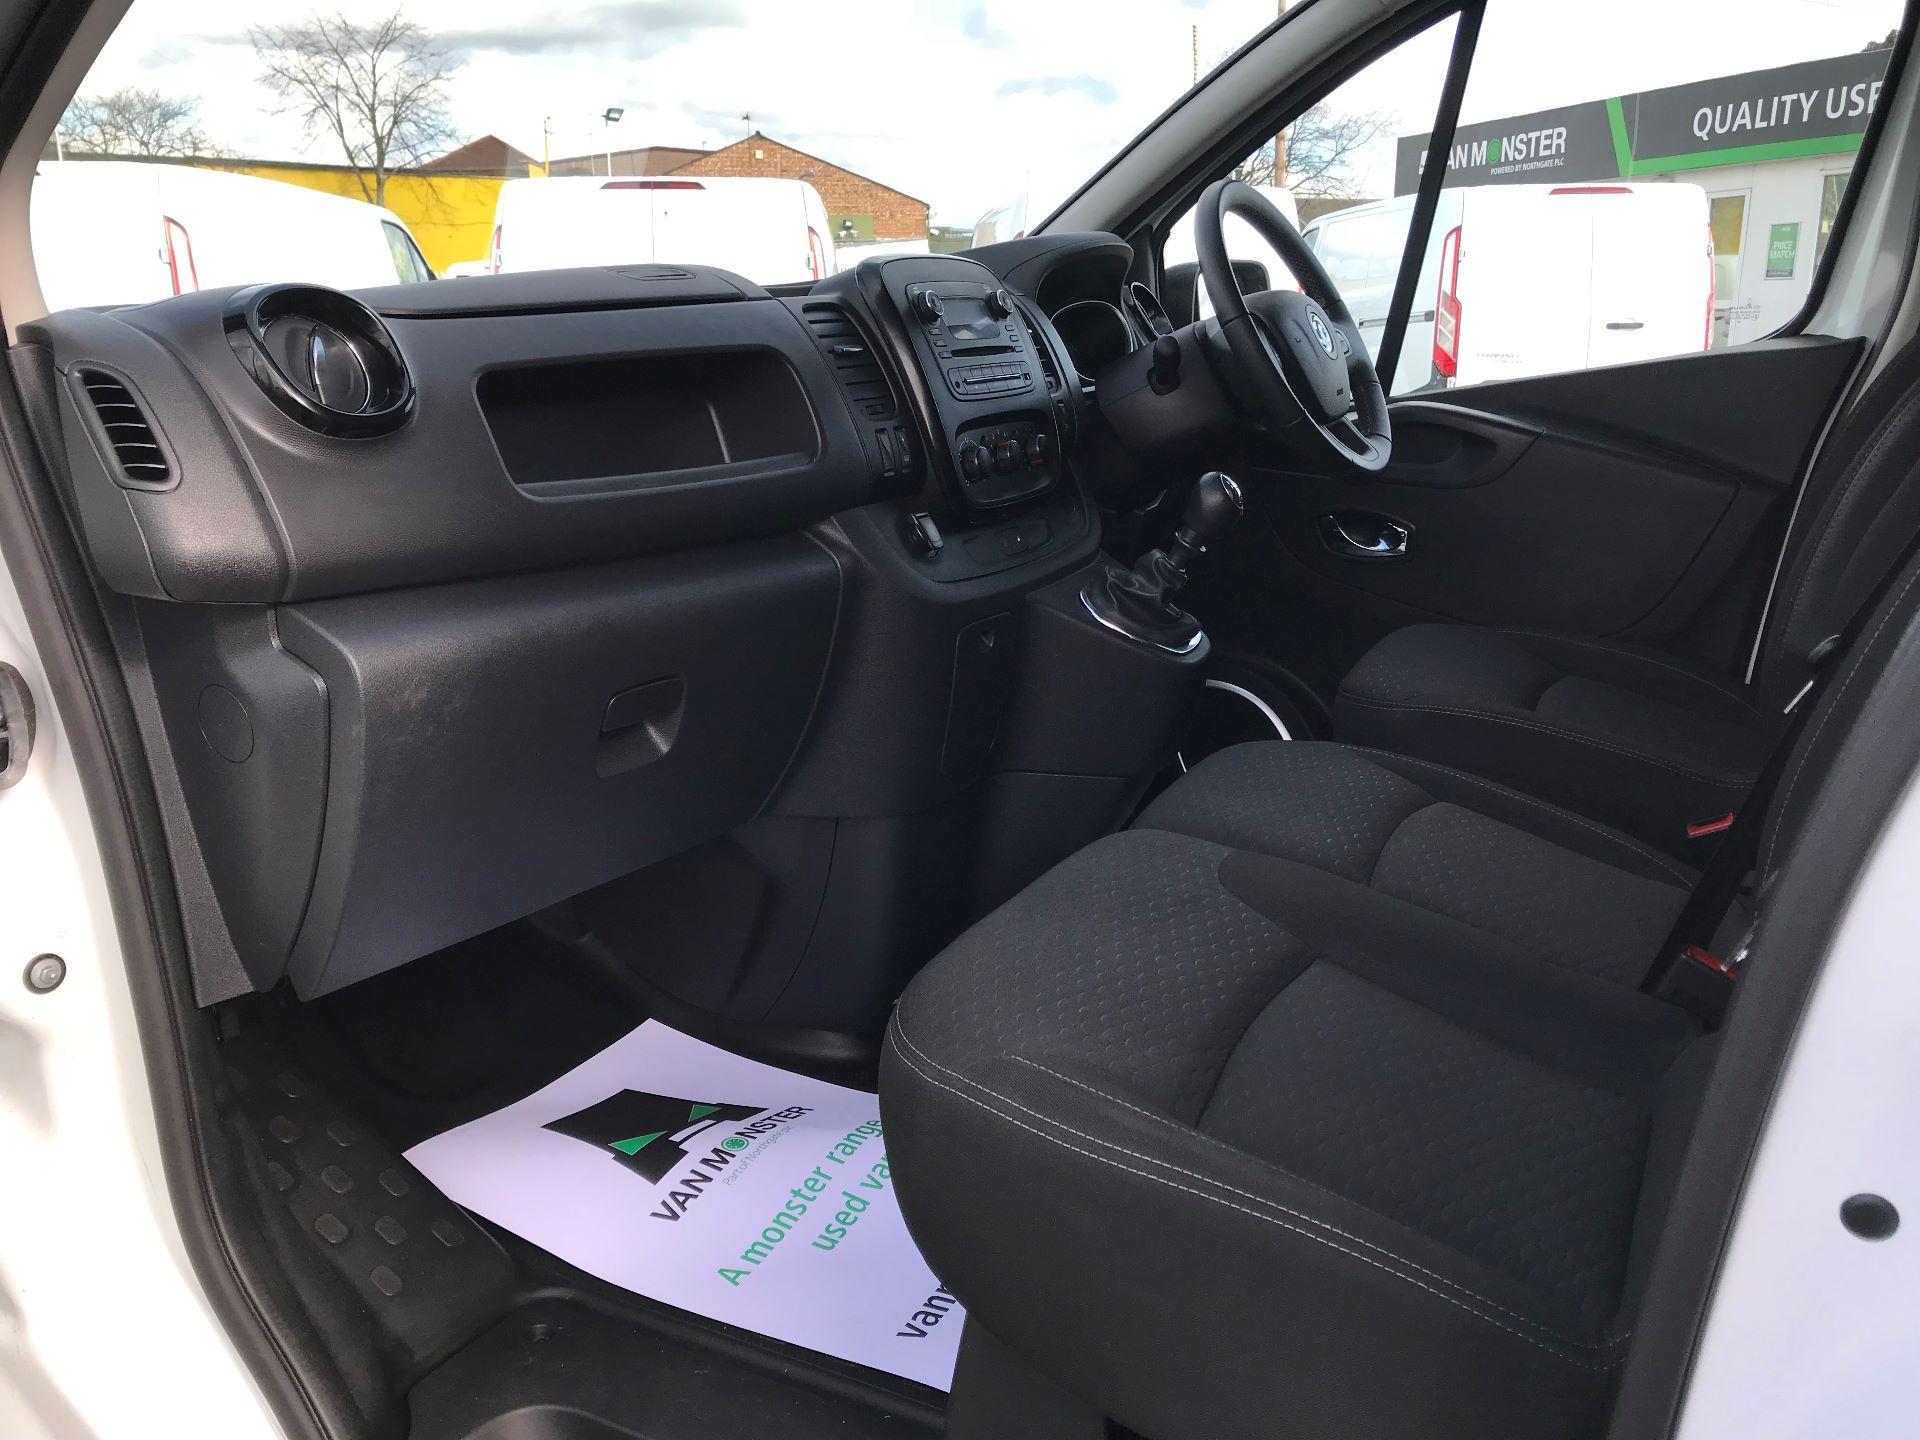 2018 Vauxhall Vivaro  L2 H1 2900 1.6 CDTI 120PS SPORTIVE EURO 6 (DY68XYH) Image 18